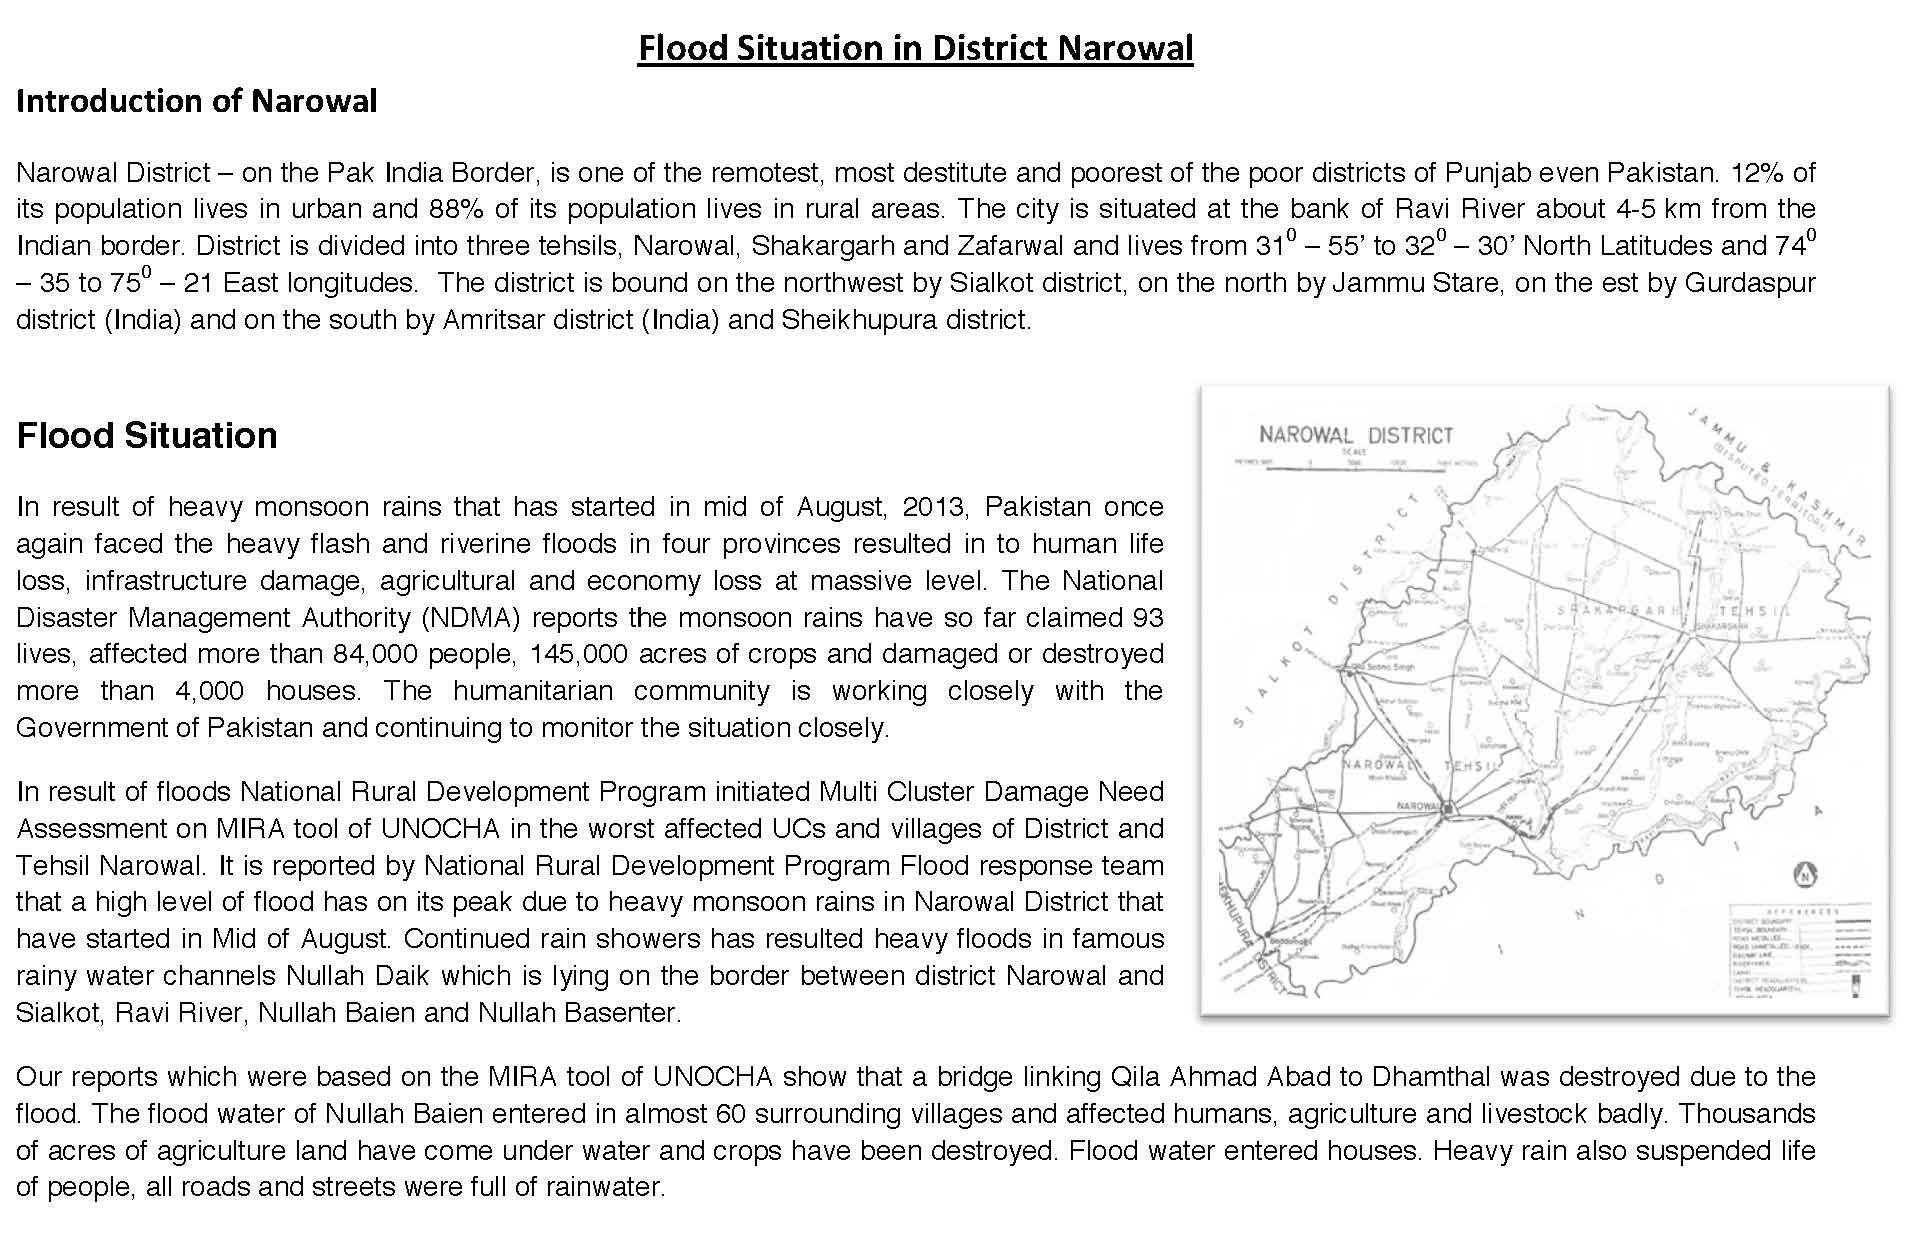 Mobile Health Unit Report - NRDP Narowal